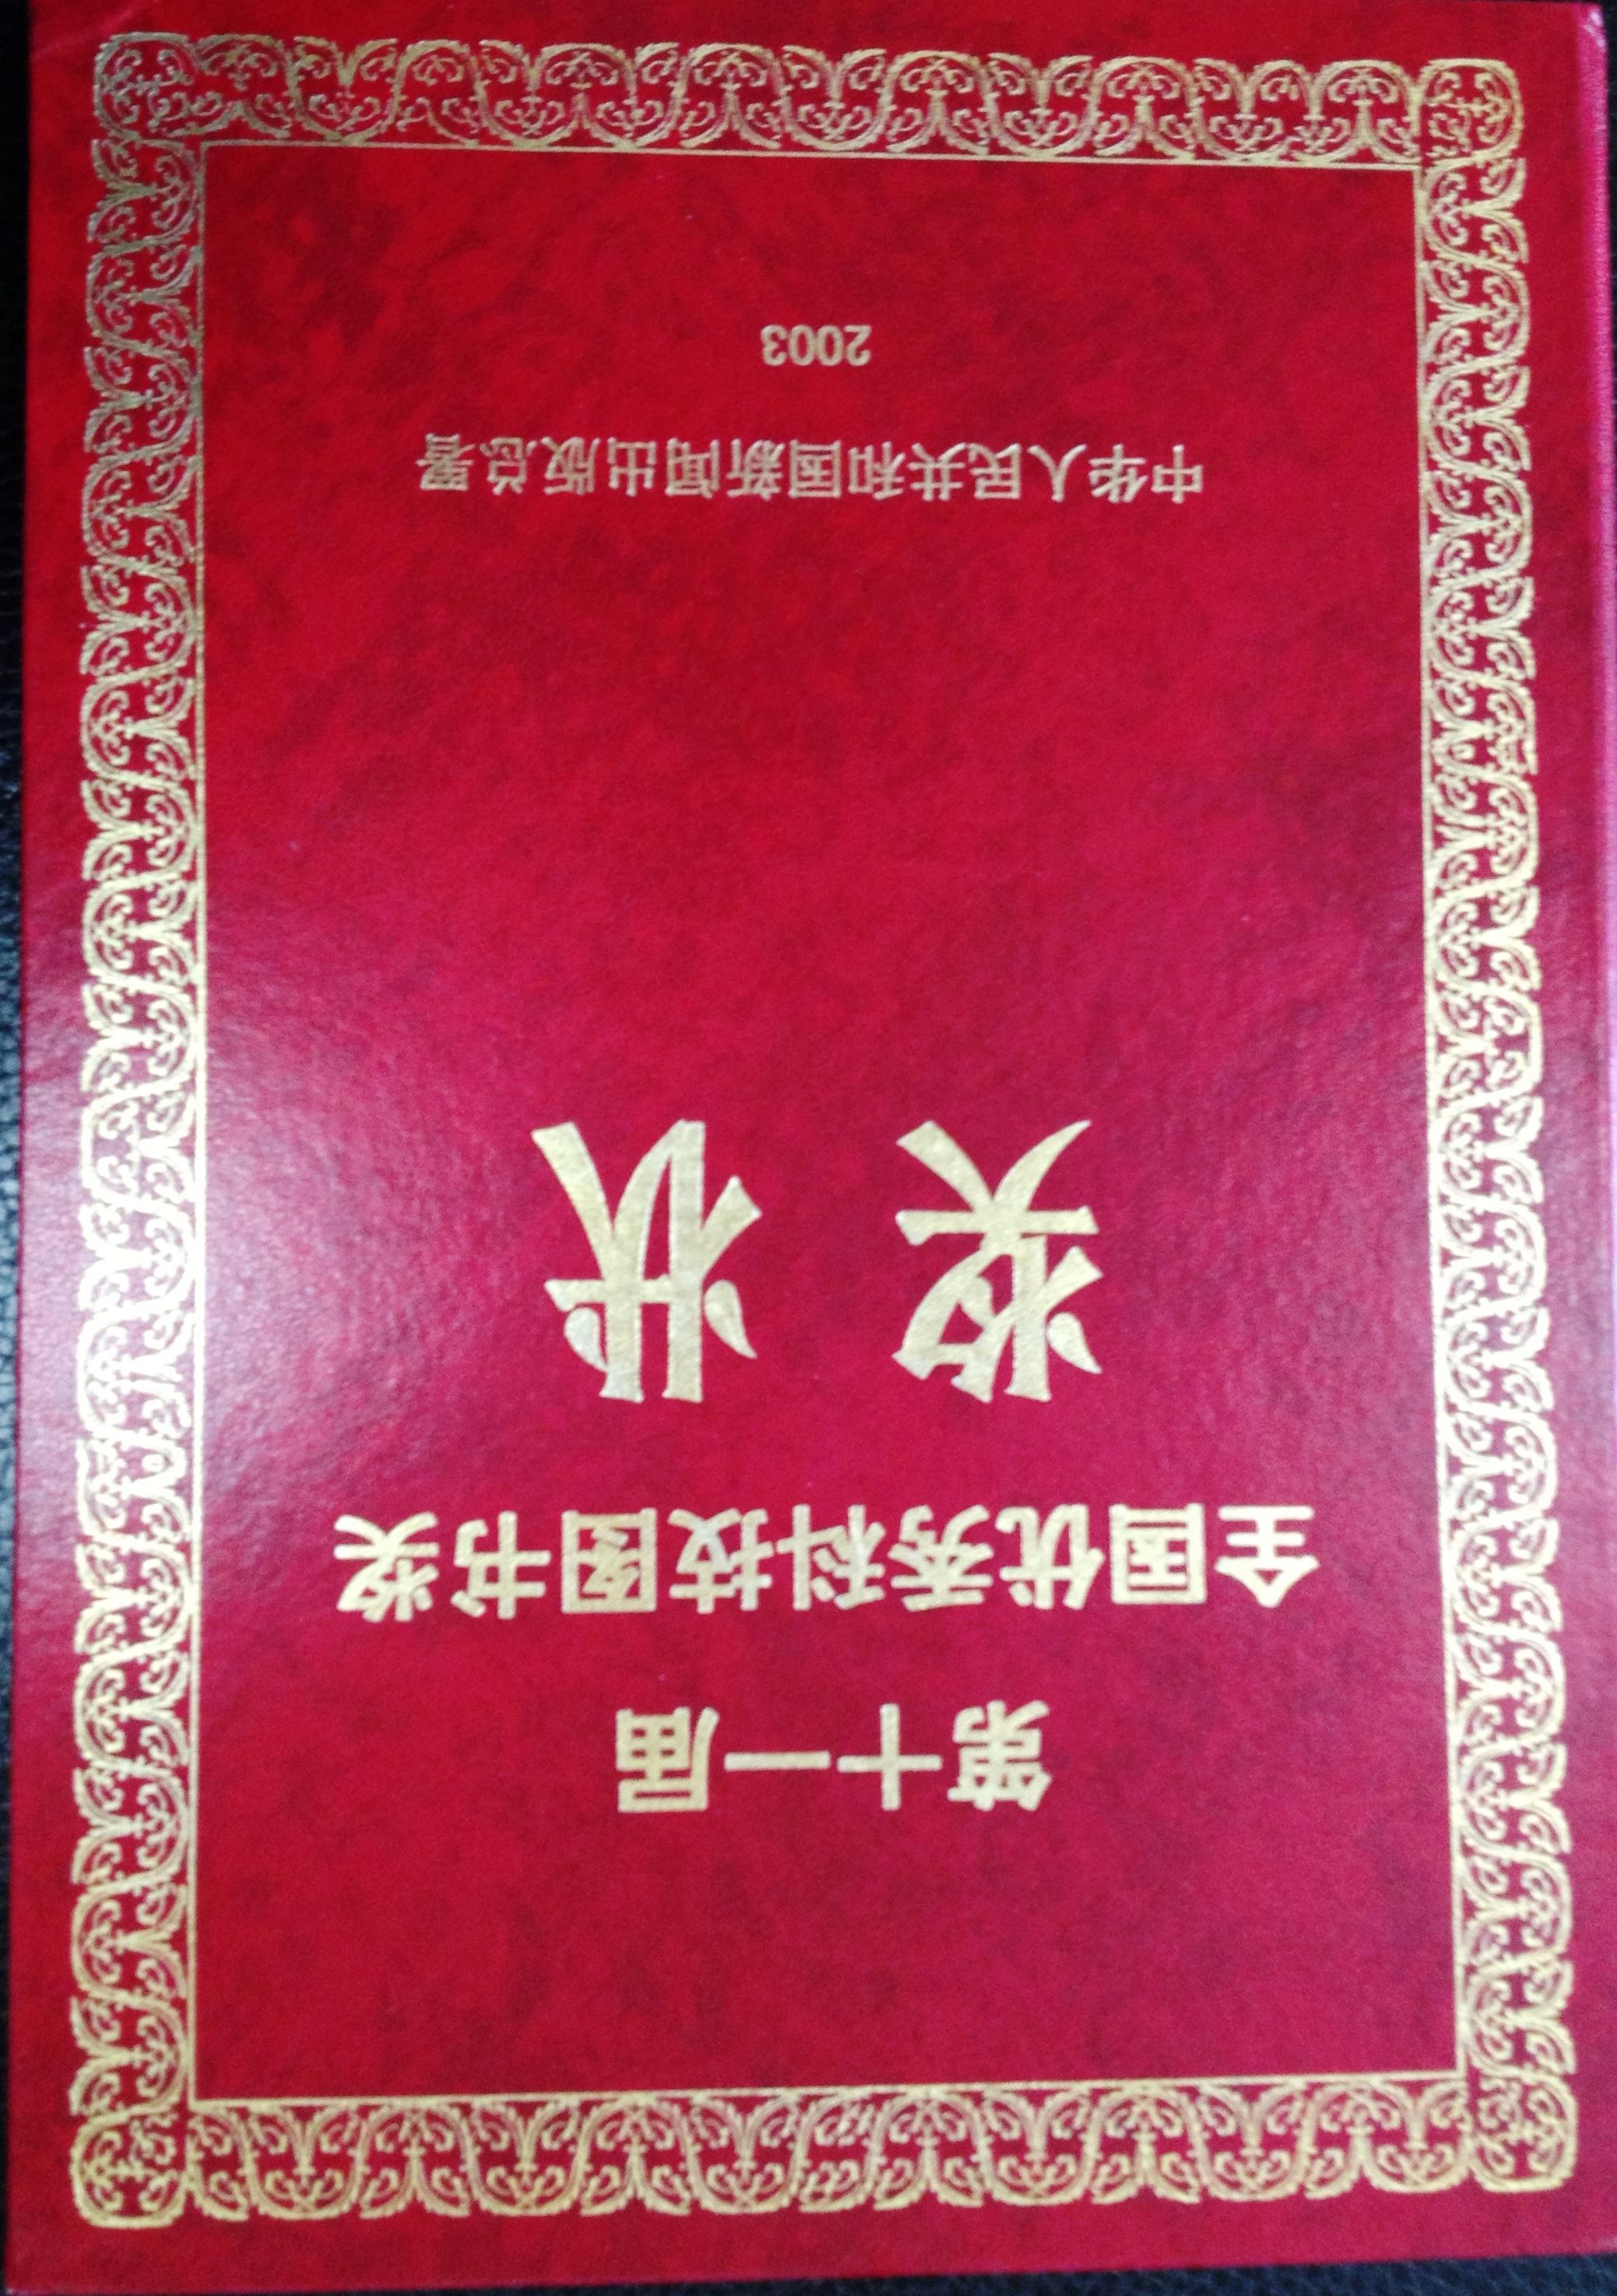 第十一届全国优秀图书奖-1.jpg